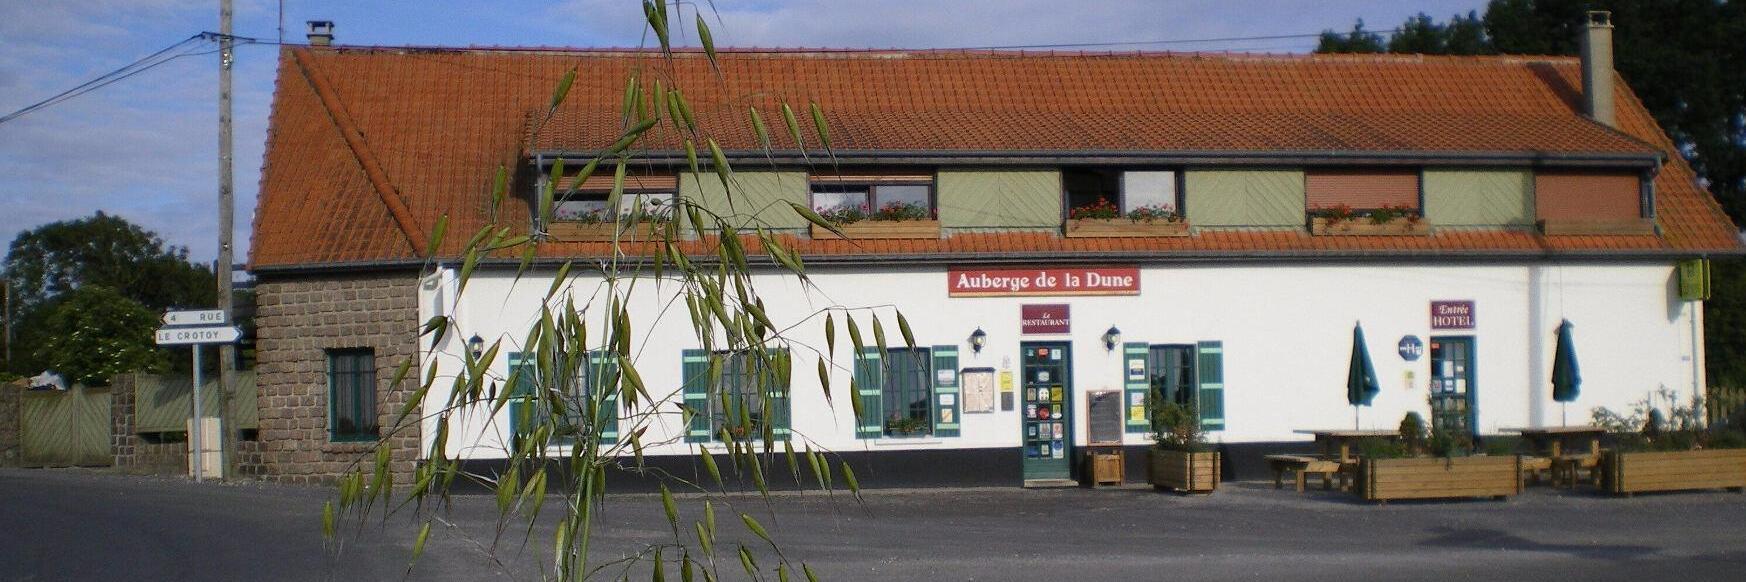 Auberge De La Dune auberge de la dune, hôtel logis le crotoy, aufenthalt picardie